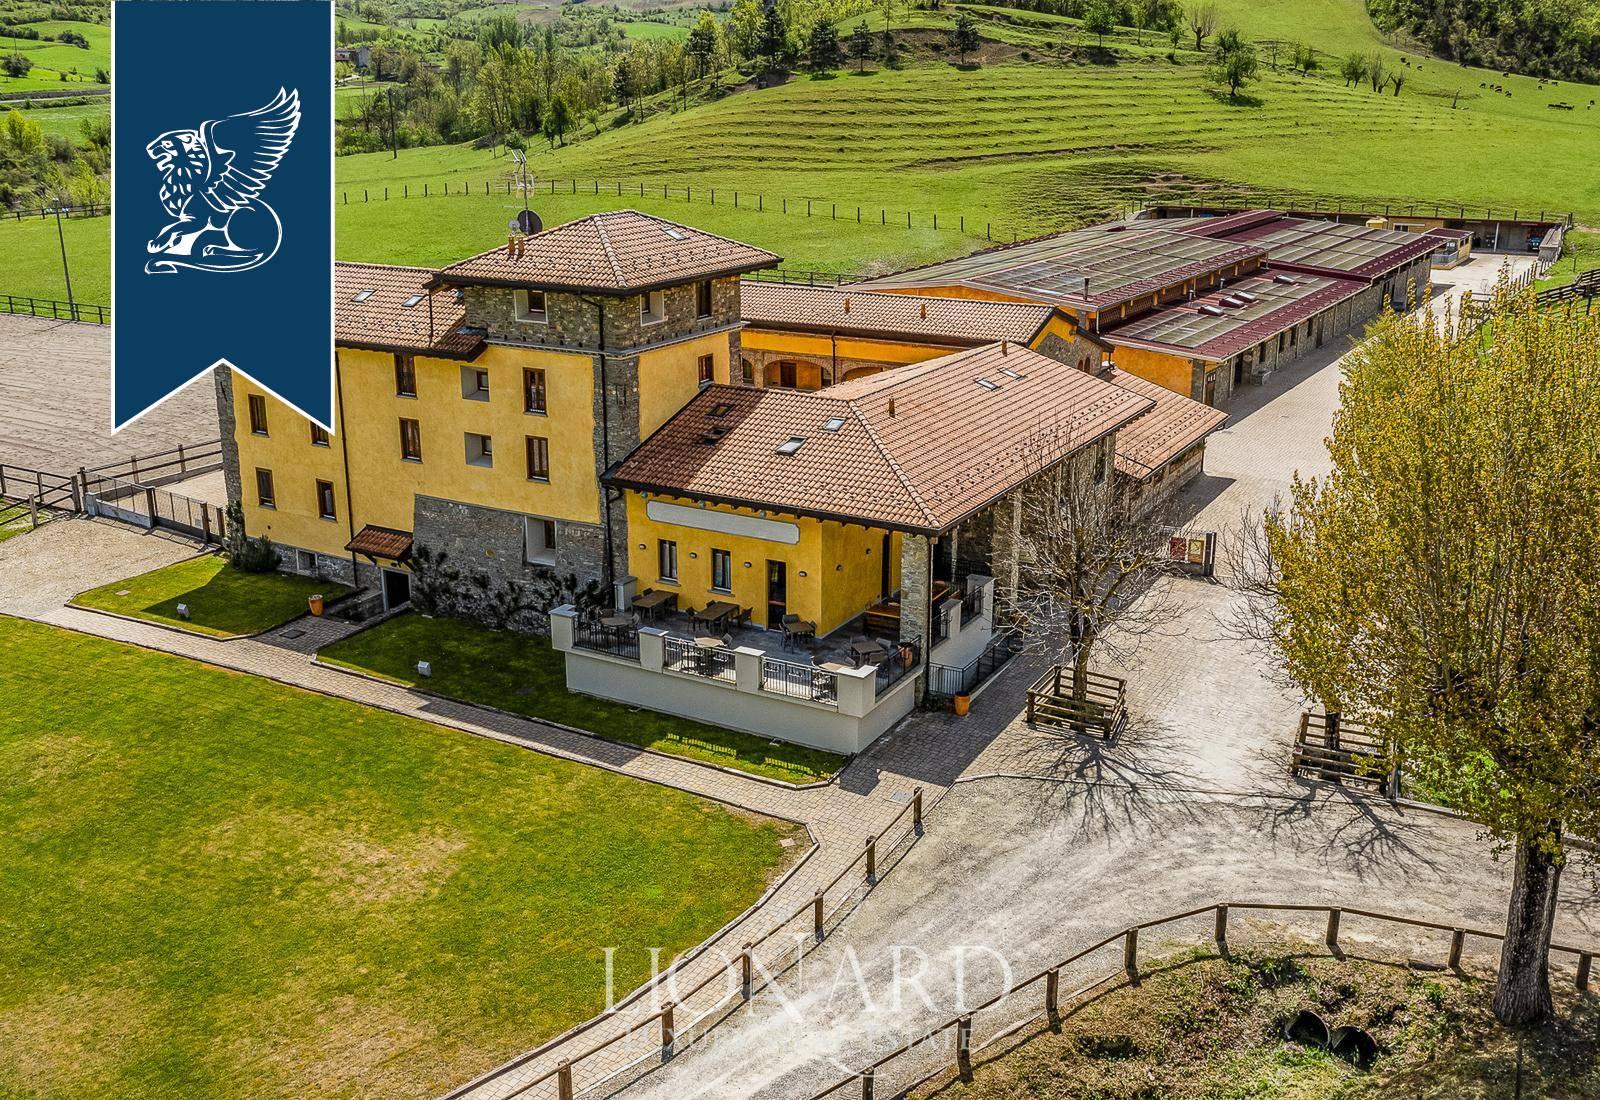 Agriturismo in Vendita a Dernice: 0 locali, 1469 mq - Foto 4